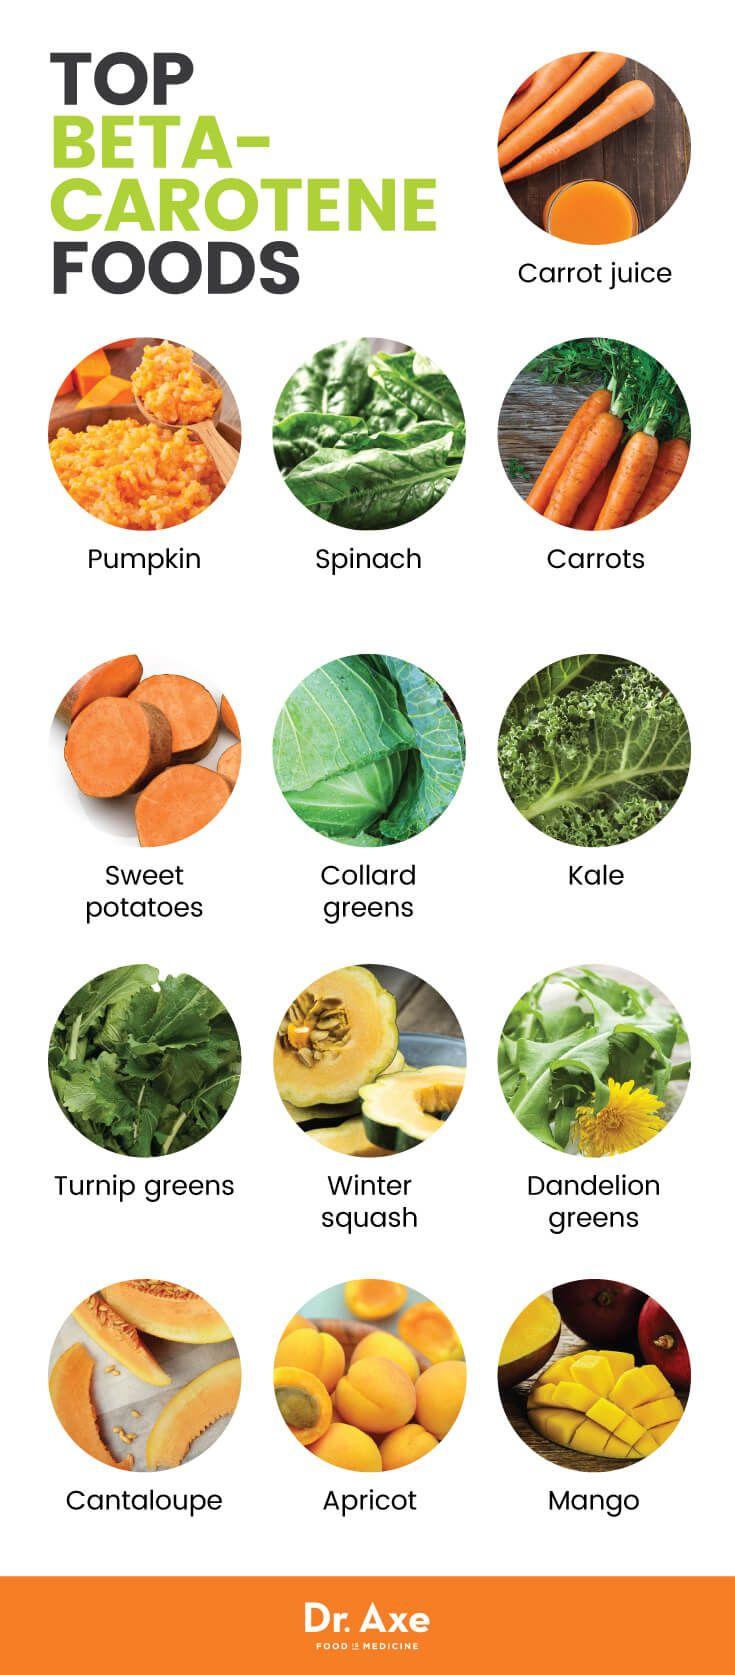 Beta-Carotene foods - Dr. Axe